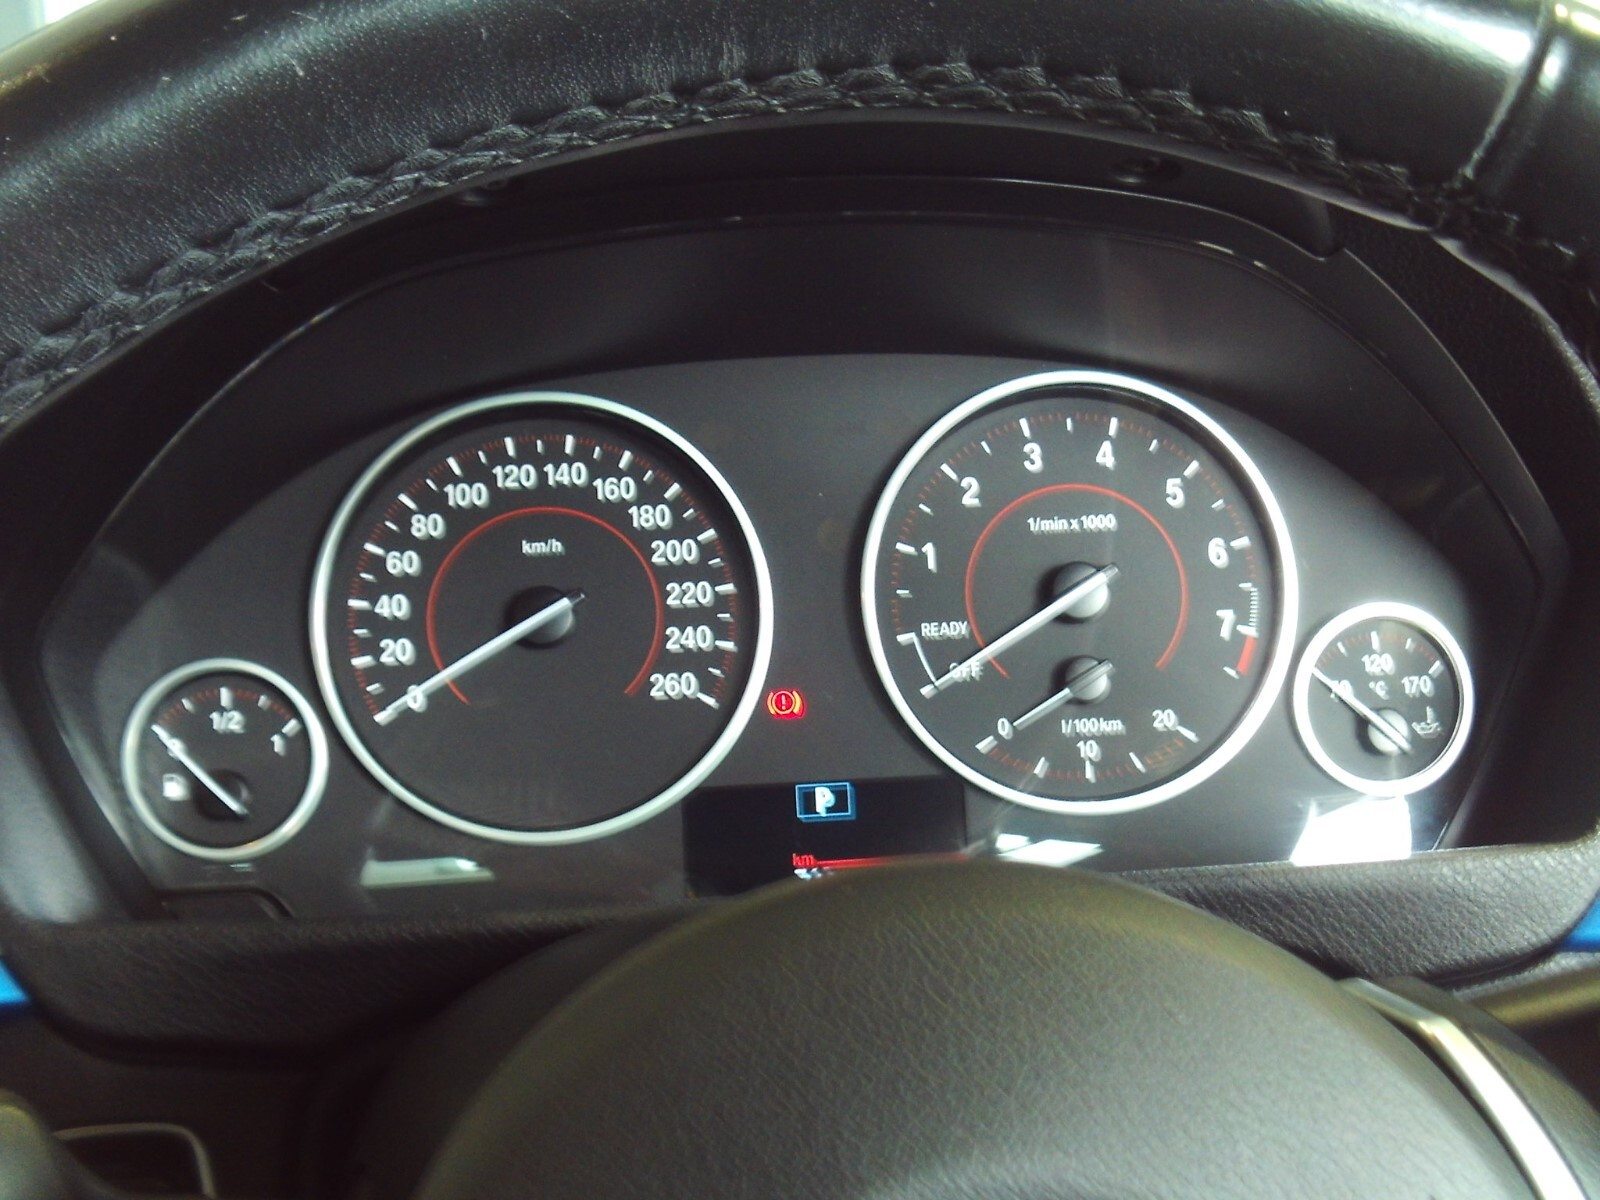 BMW 318i M SPORT A/T (F30) Roodepoort 11335162